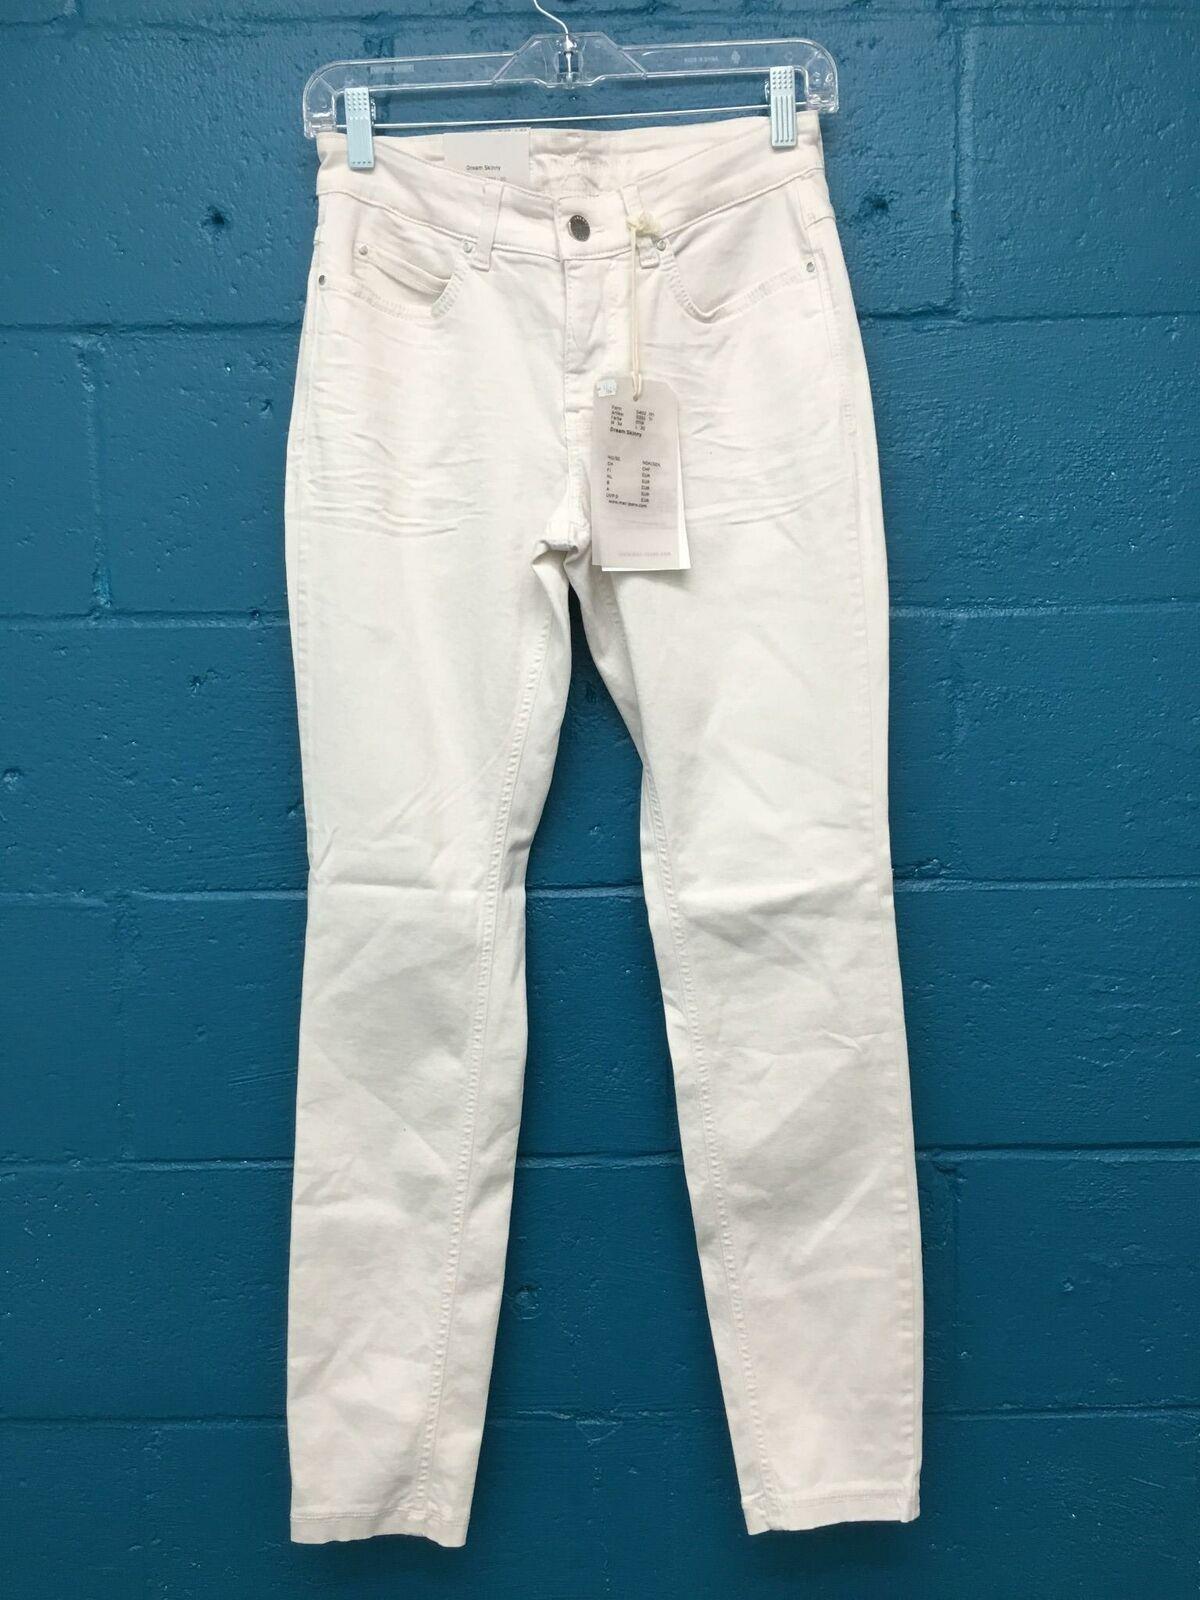 Mac Femme Jeans Dream Skinny Jeans 34x30 en coton ivoire polyester spandex